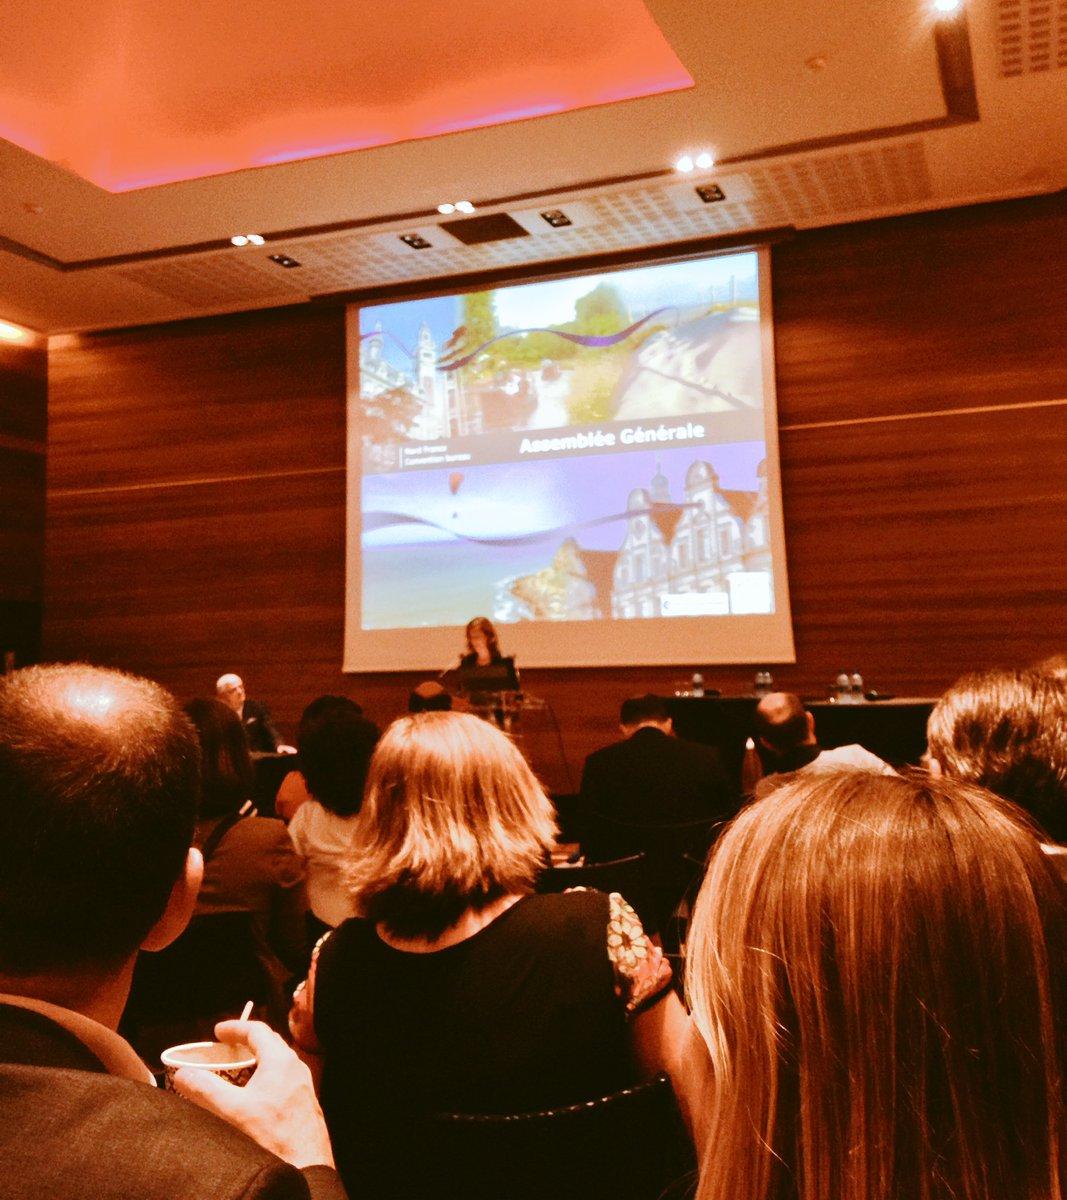 What&#39;s up in #HautsdeFrance for #businesstourism #Assembléegénérale #NordConventionBureau #eventprofs #MICE #Lille<br>http://pic.twitter.com/q9y1D2jrnK